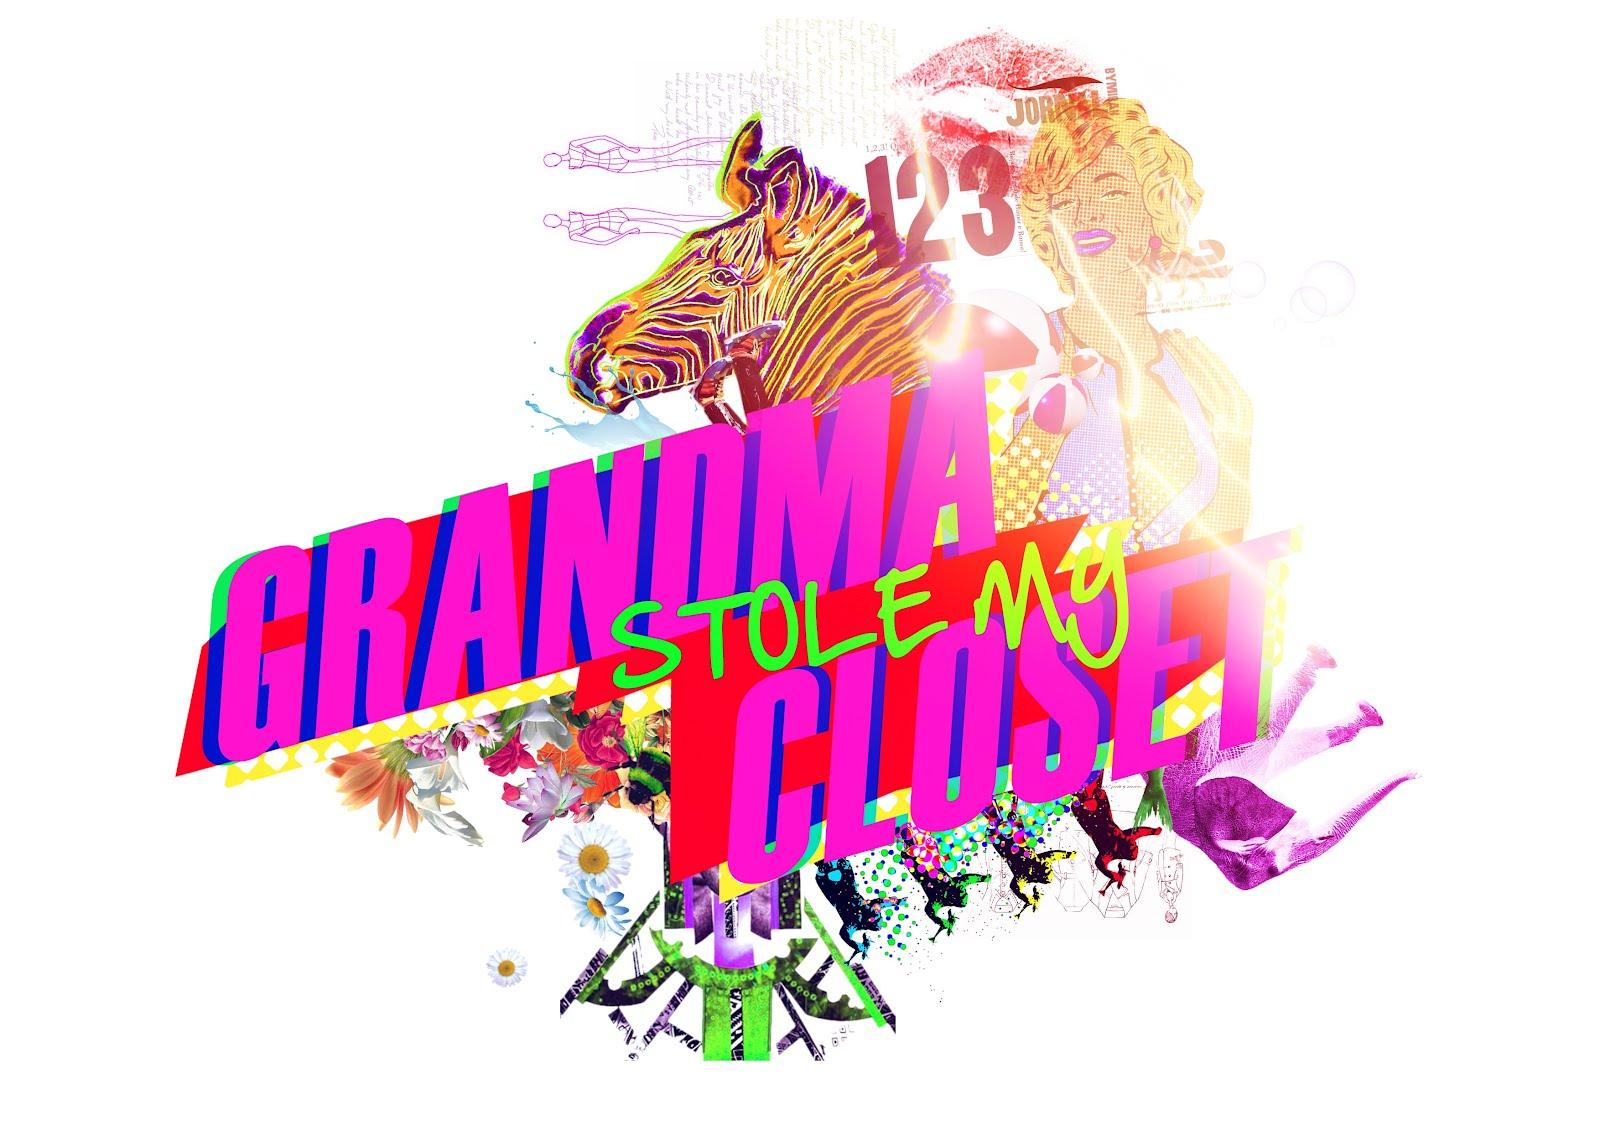 grandmastolemycloset